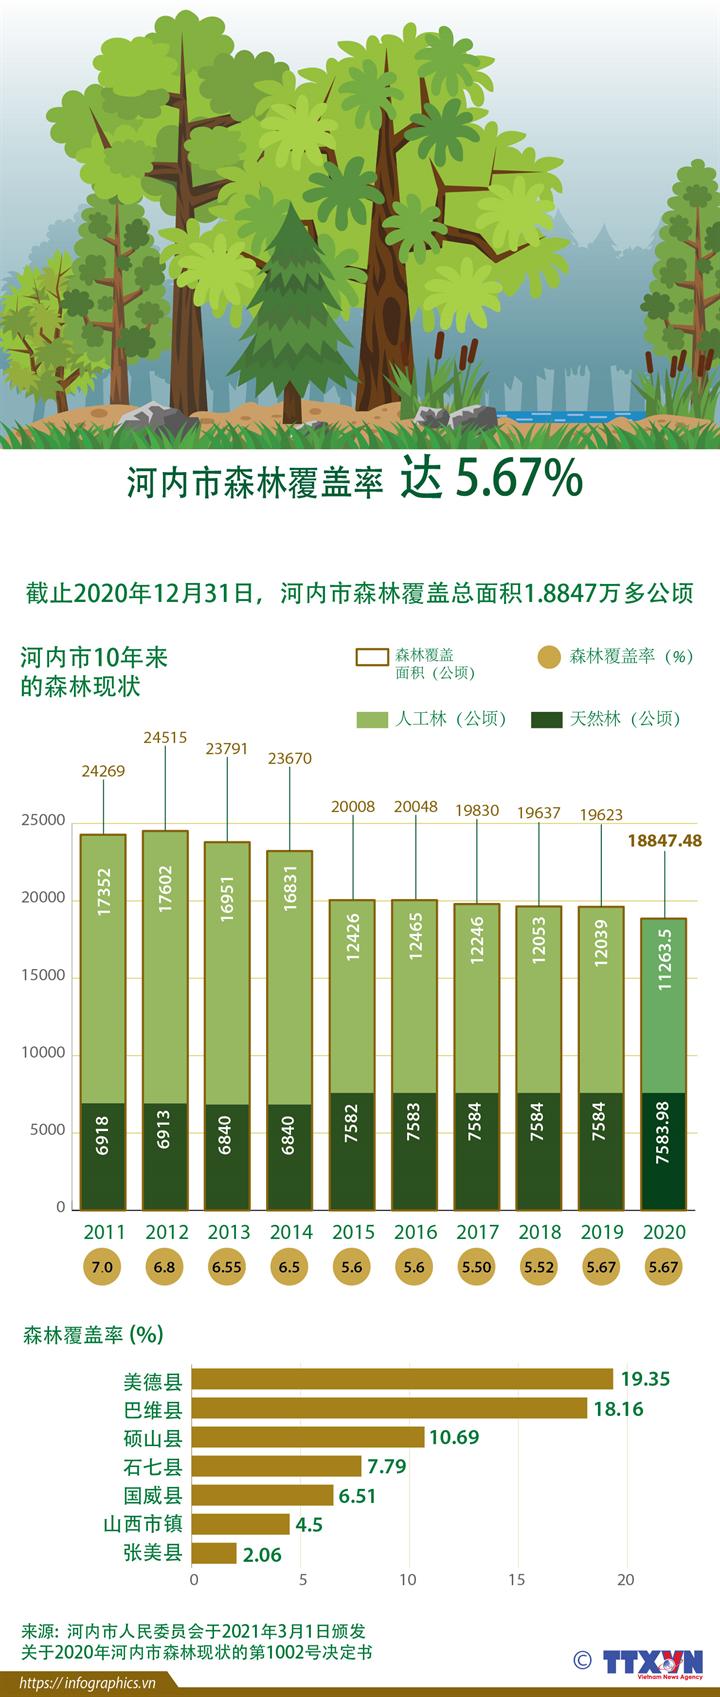 河内市森林覆盖率达 5.67%